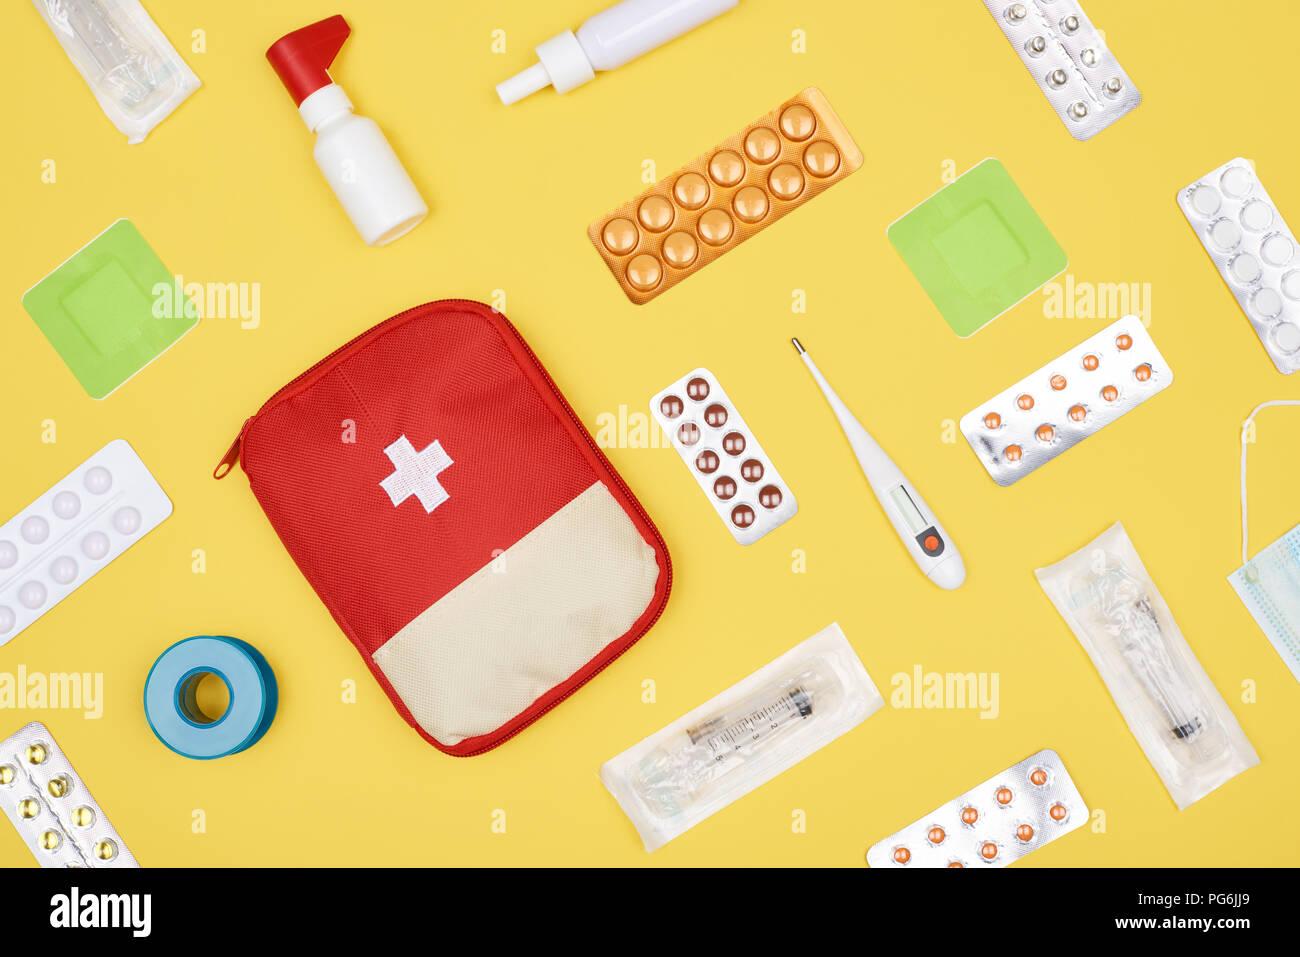 Vue de dessus de trousse de premiers soins avec différents médicaments isolé sur le jaune Banque D'Images